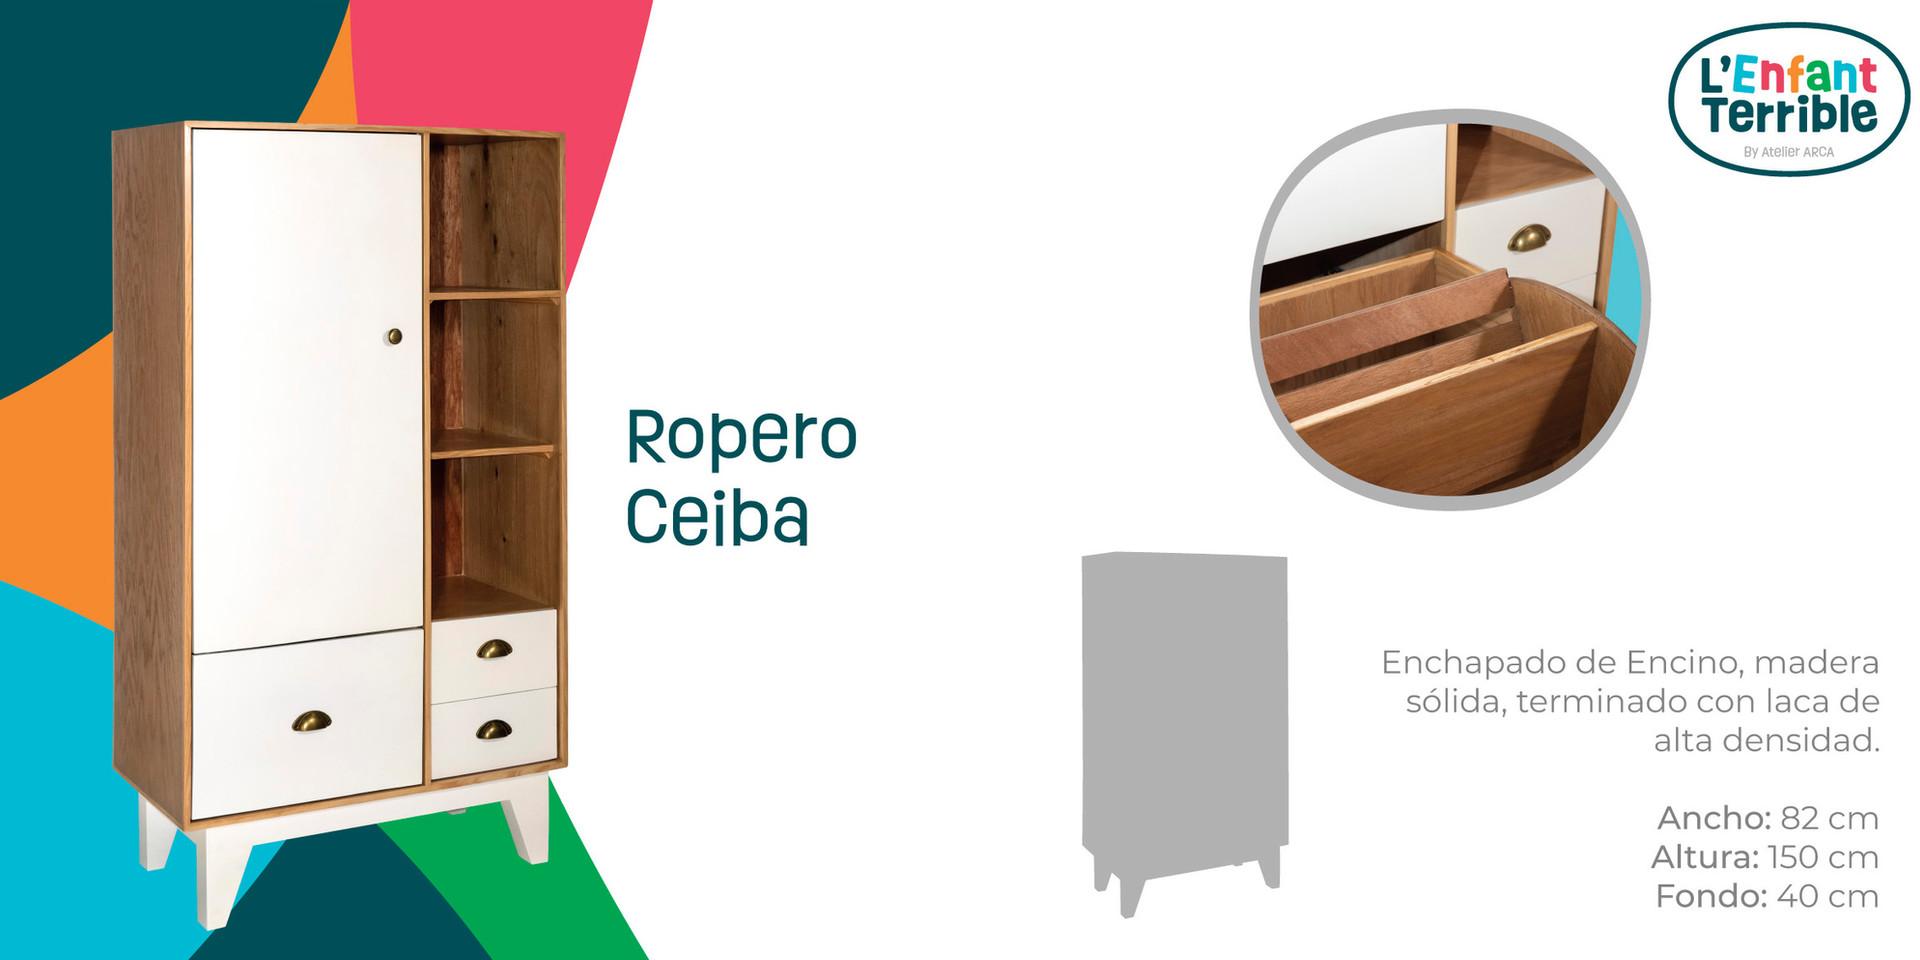 Ropero Ceiba